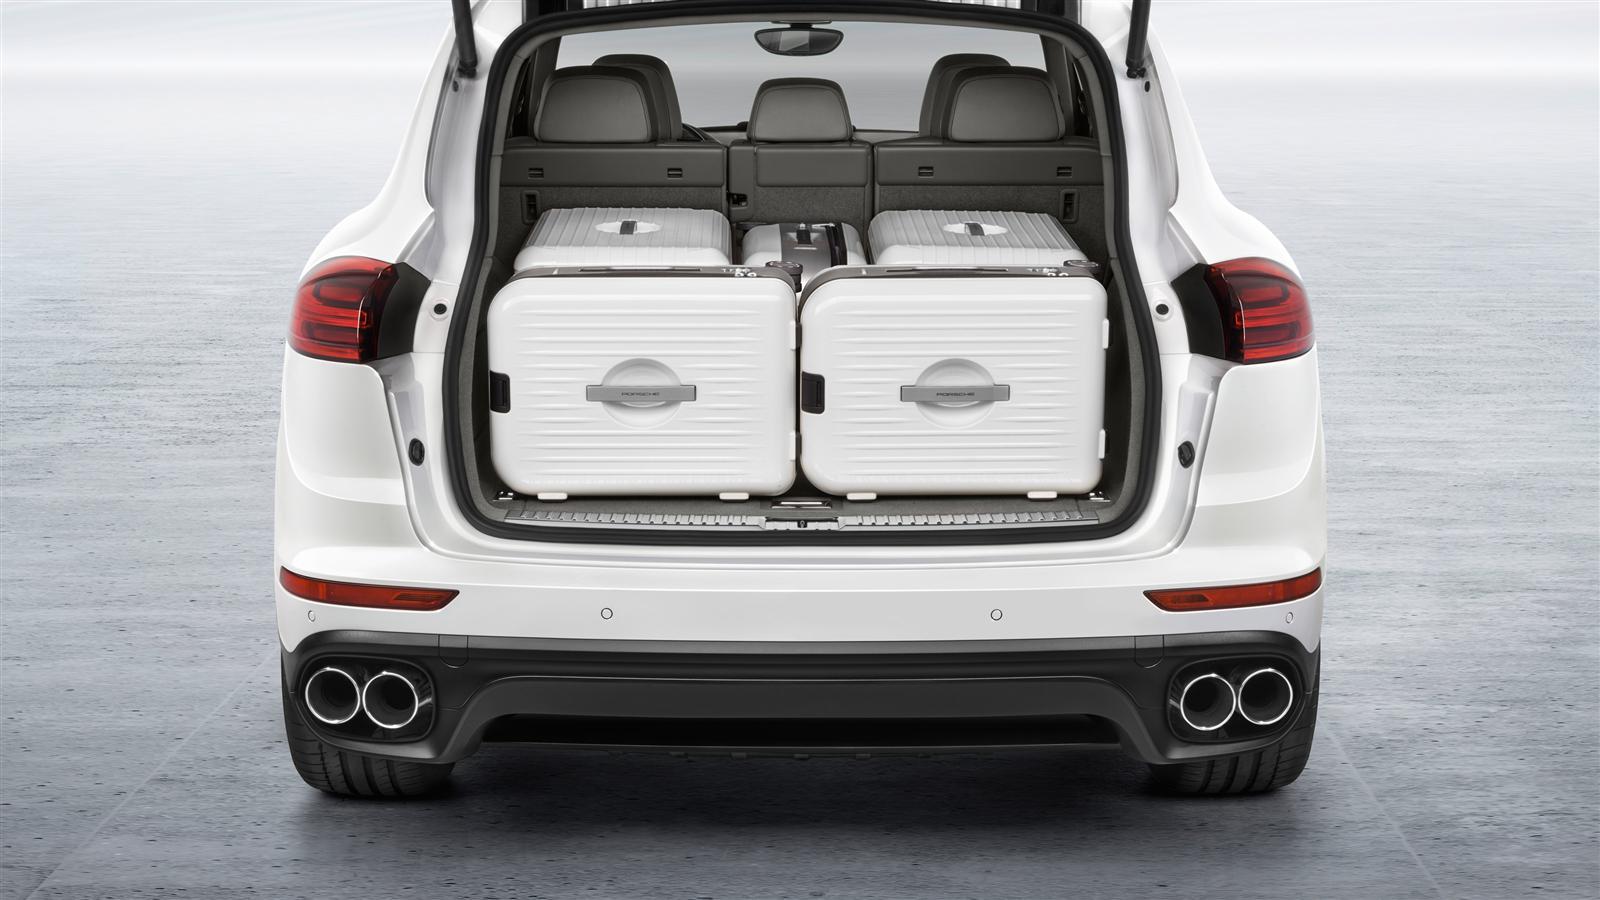 Porsche Cayenne S E Hybrid 191 Tiene Un Consumo Tan Bajo